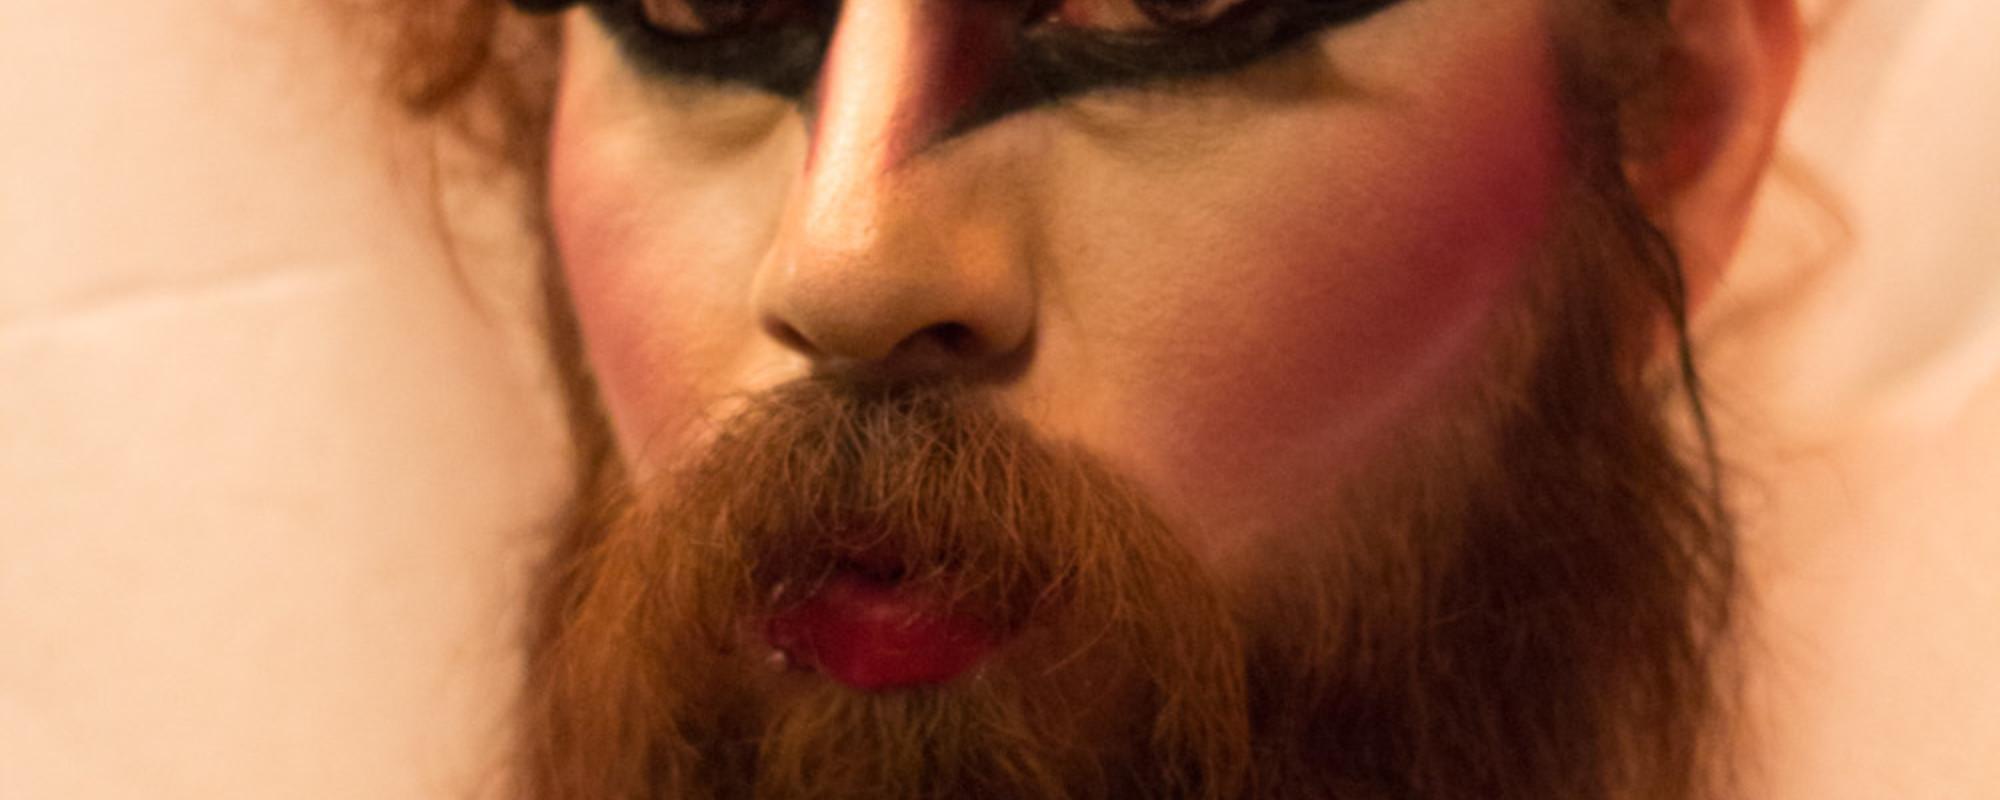 Resultado de imagen de textura queer